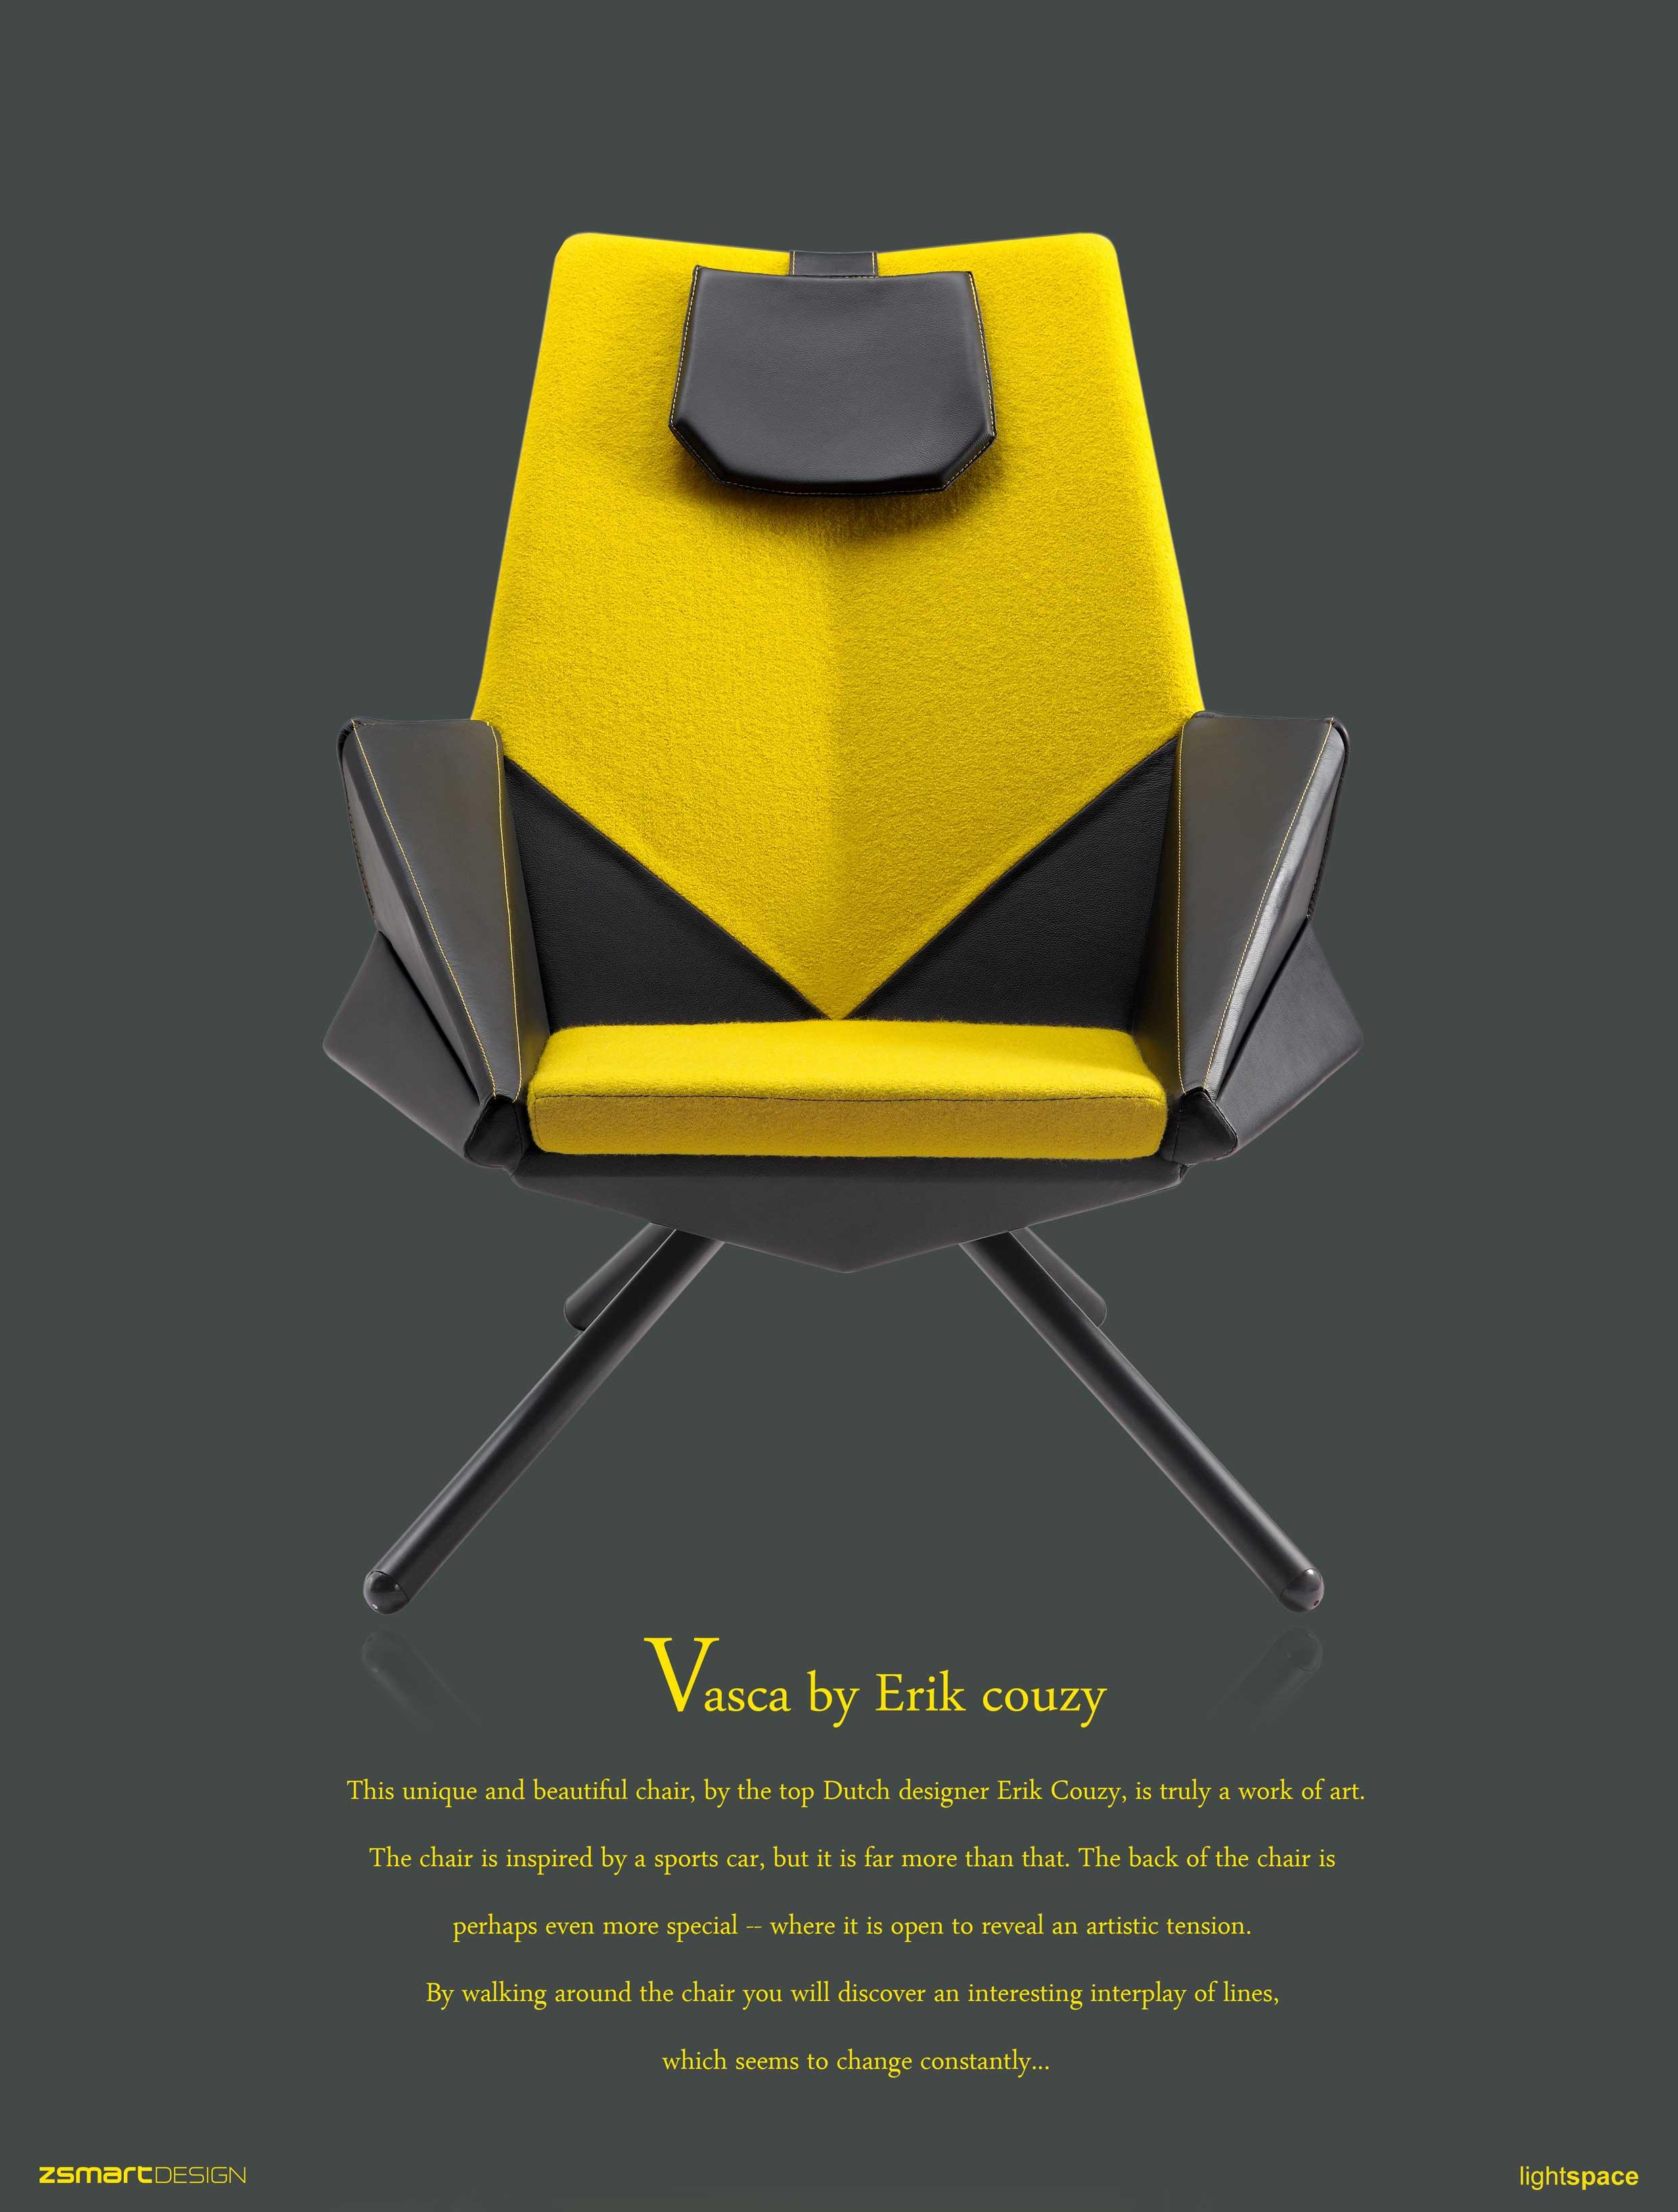 Vasca椅